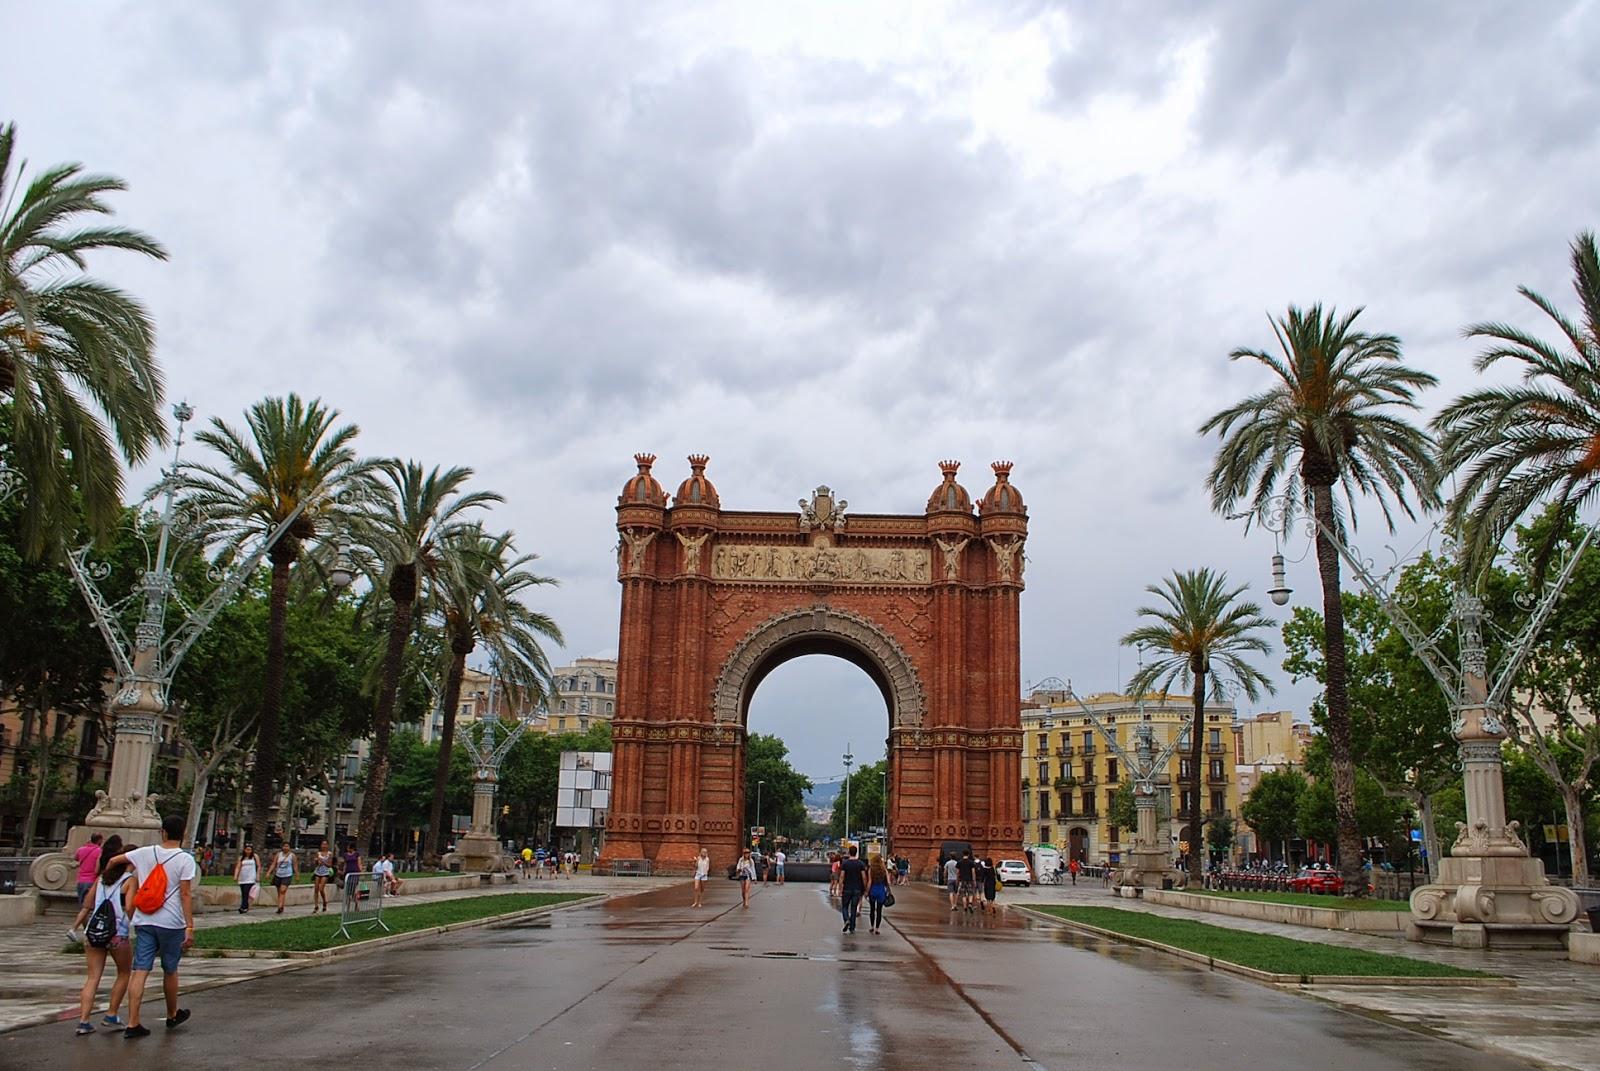 Триумфальная арка построенная ко Всемирной выставке 1888 г. и служившая главными воротами. Парк Цитадели (Сьютаделья, Ciutadella), Барселона, Каталония, Испания. Parc de la Ciutadella, Barcelona, Catalonia, Spain